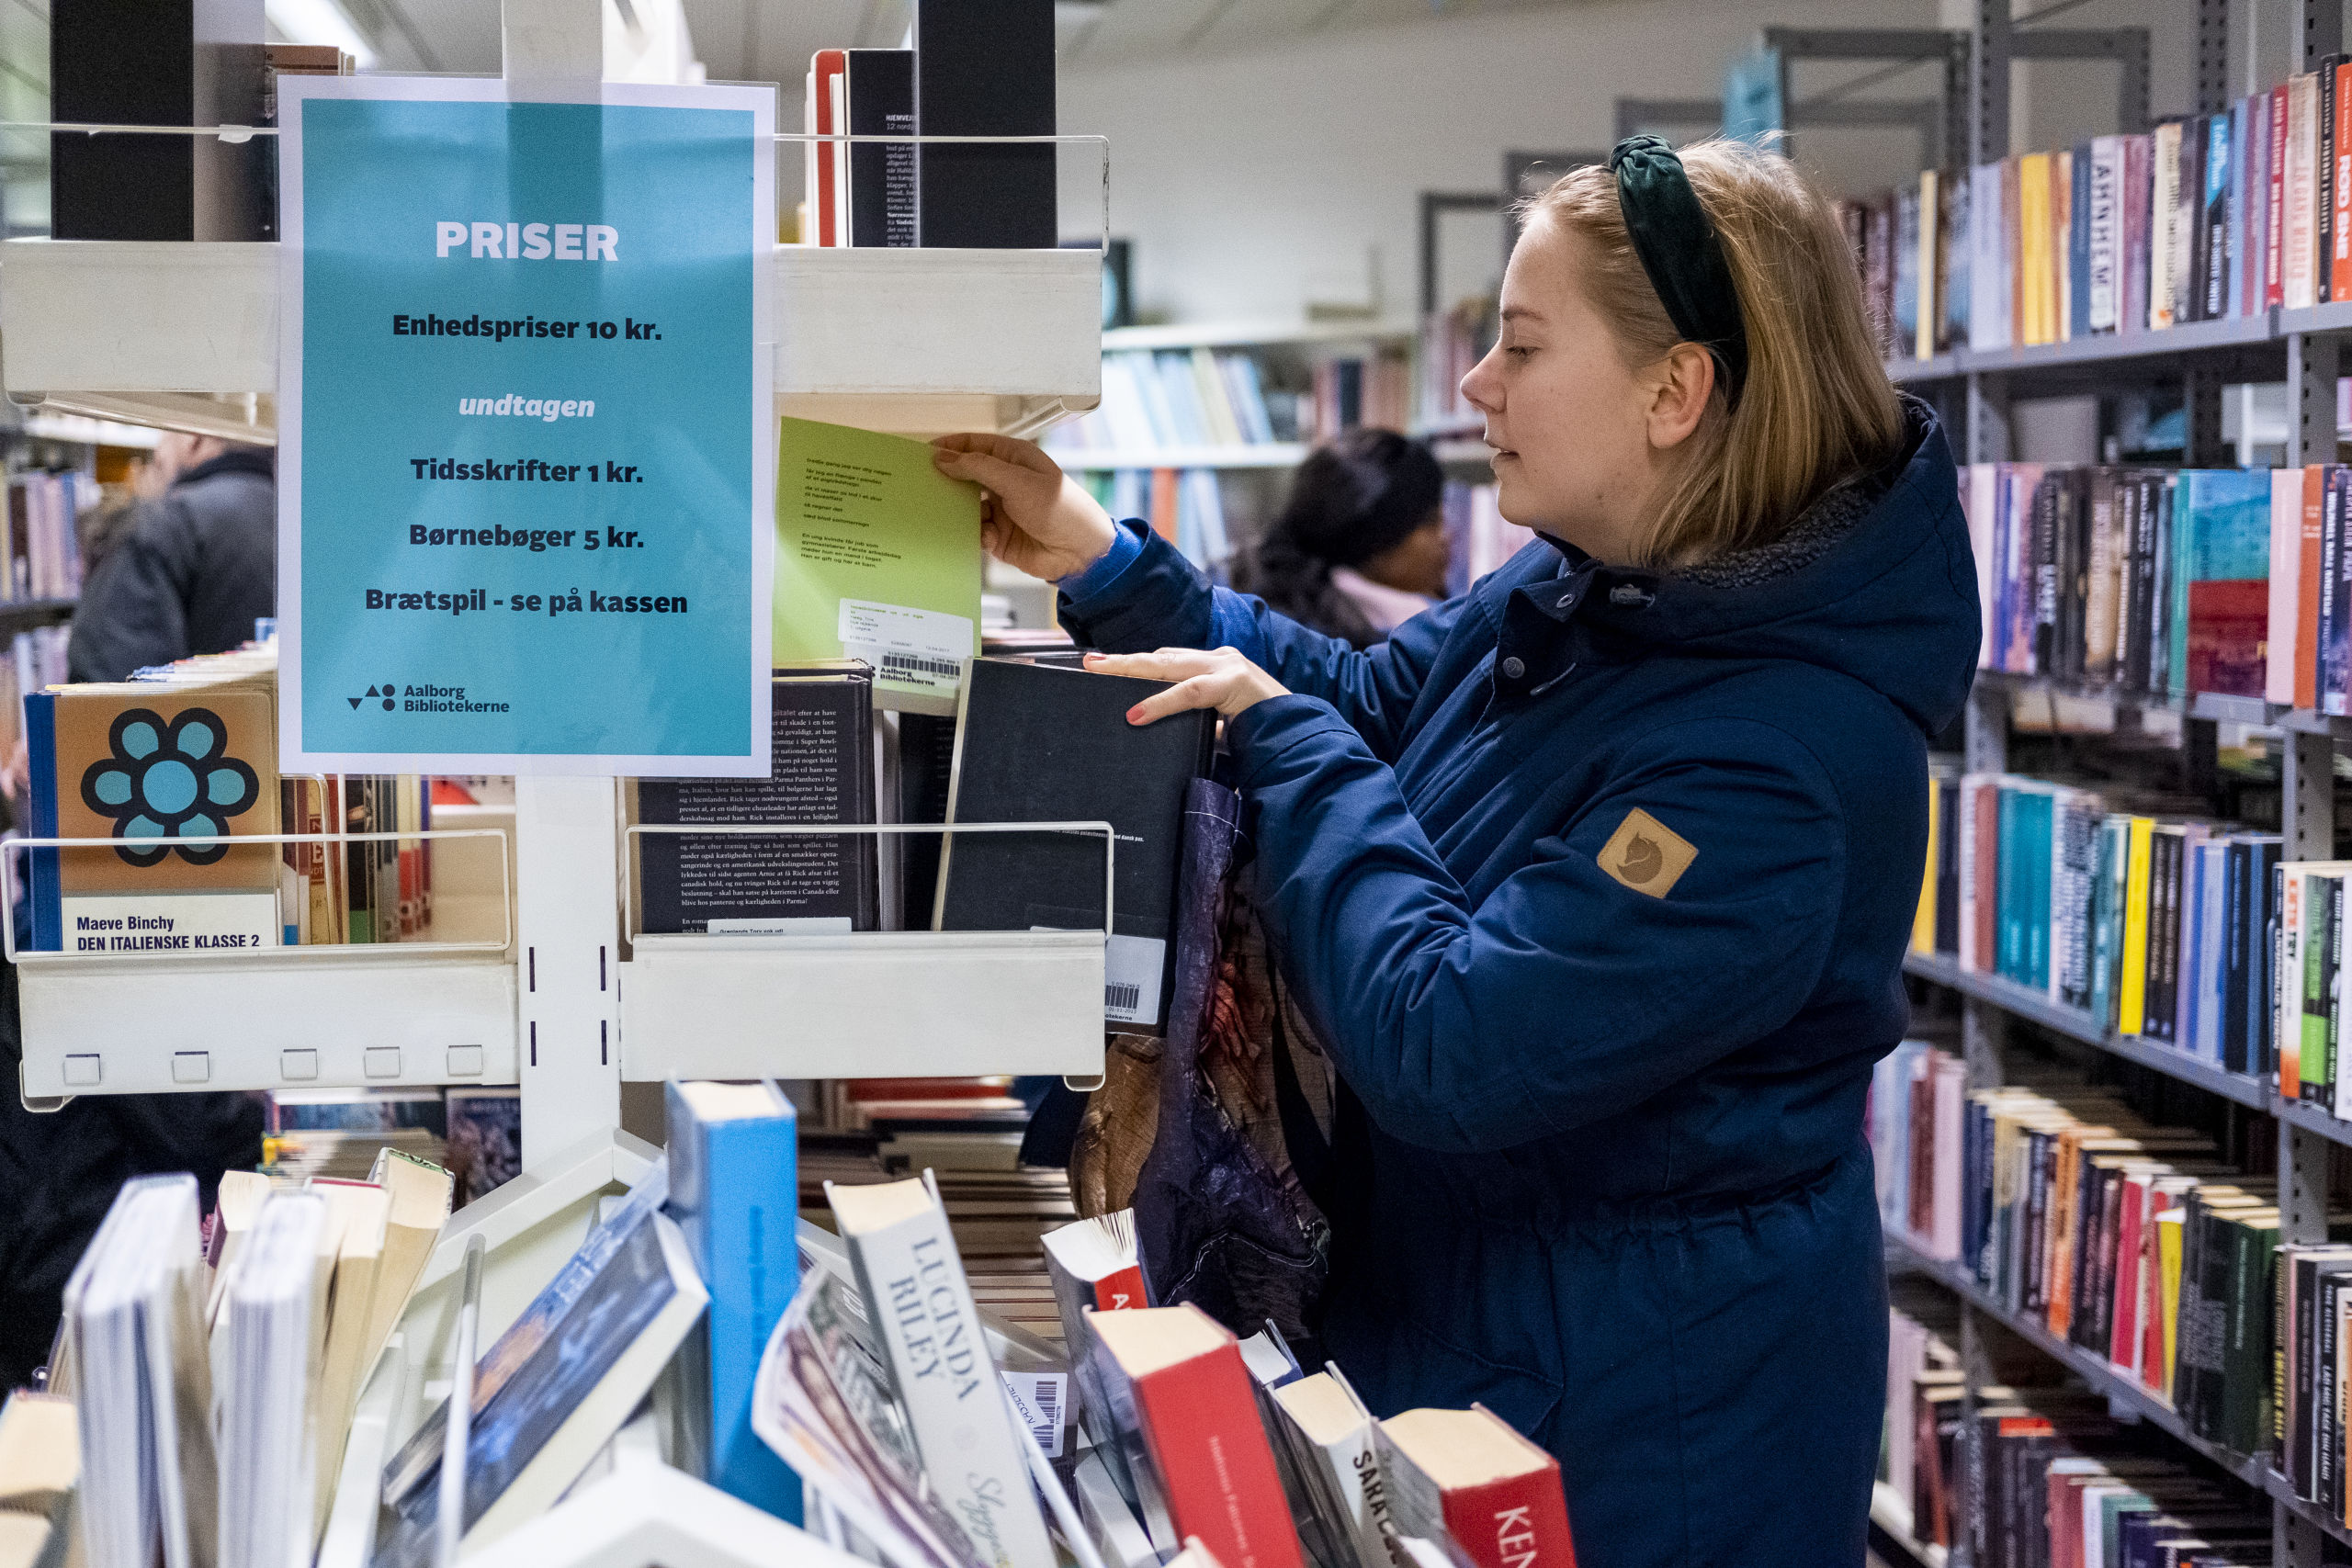 Bøger og musik sælges til en enhedspris på 10 kr. - børnebøger dog kun det halve. Foto: Lasse Sand